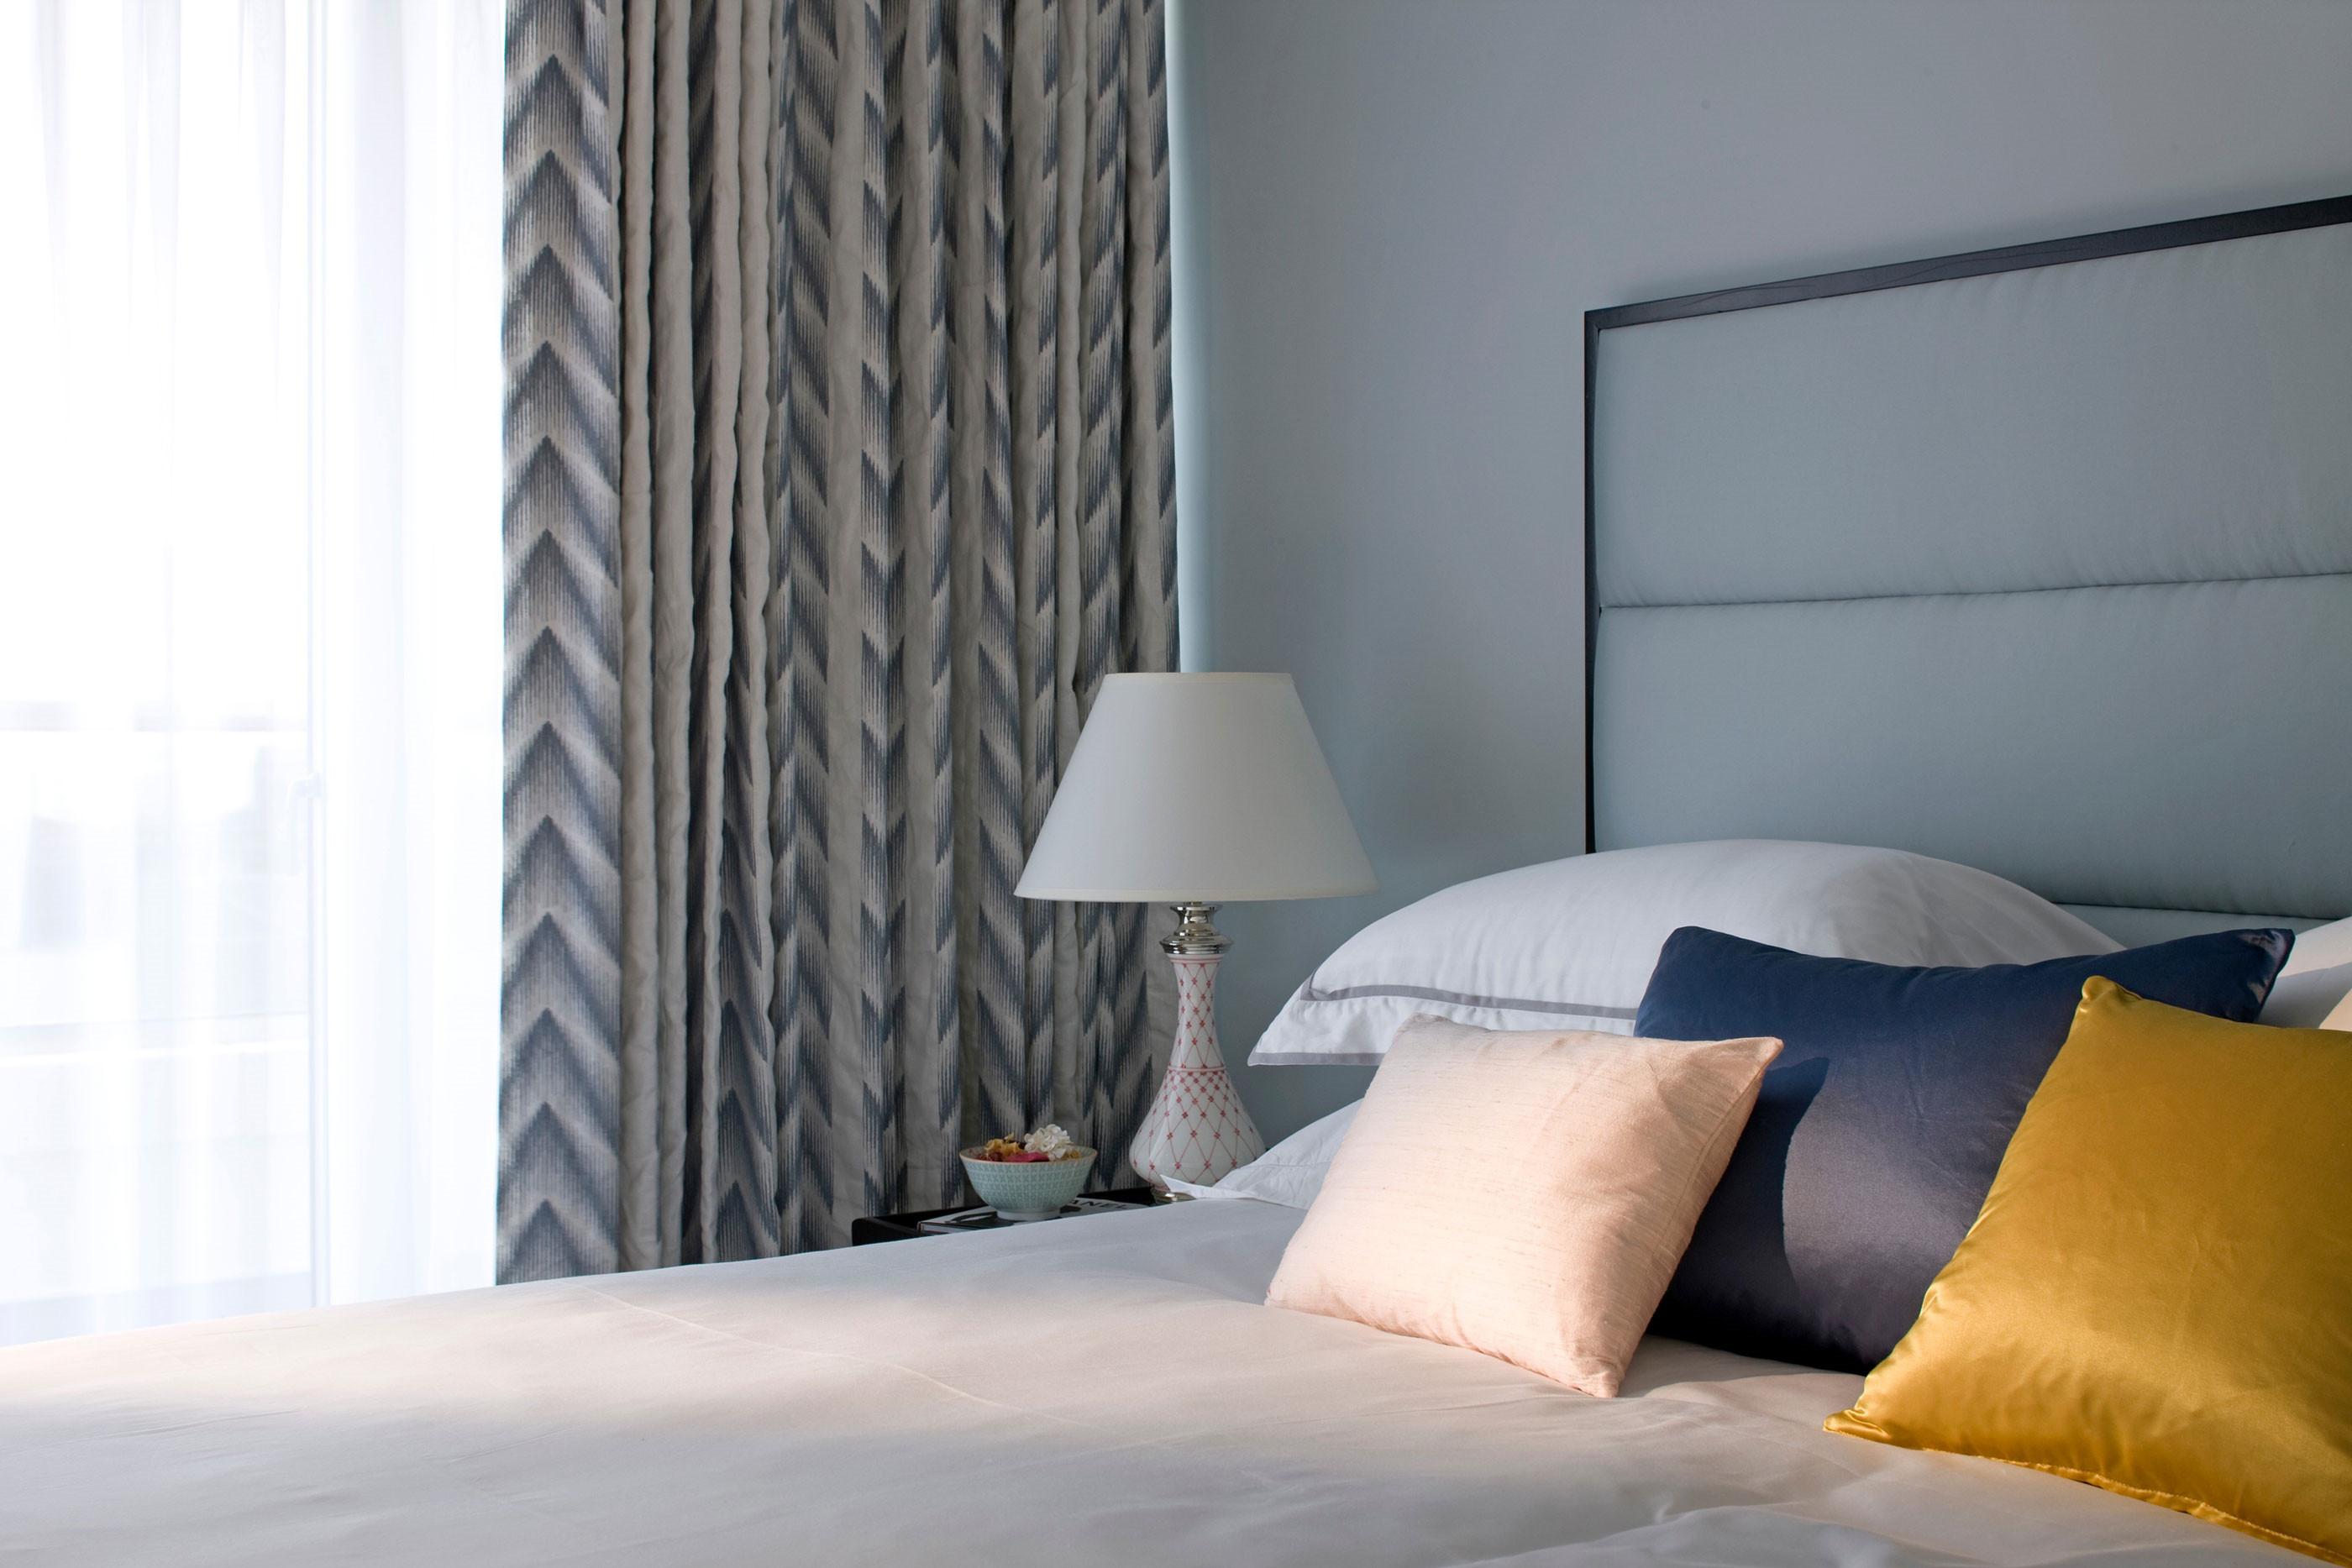 卧室软装选择了蓝灰的色调,舒适温馨,背景墙几米风格的装饰画轻松有趣。